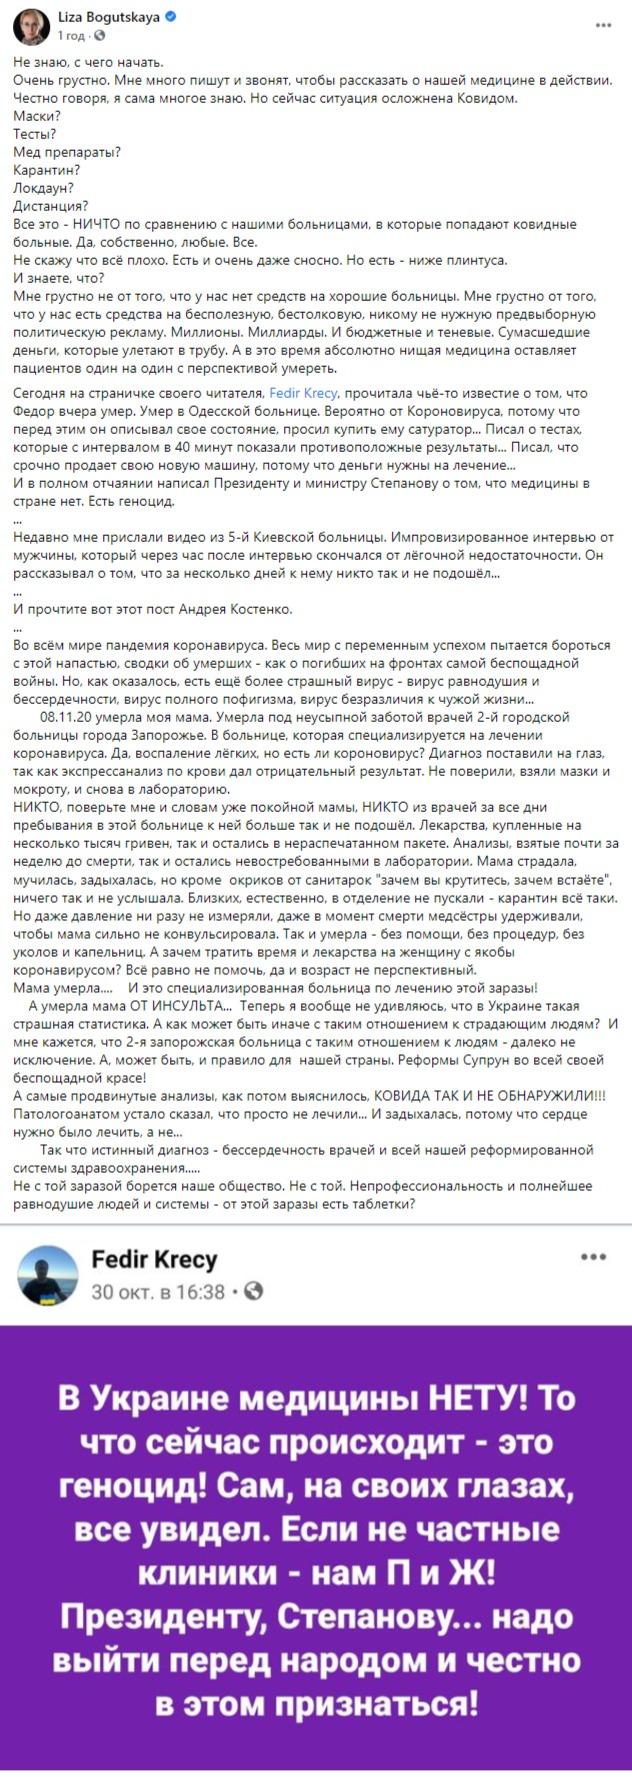 Медицини немає! Це - геноцид! Президенту, Степанову треба зізнатися! - слуга народу Богуцька розповіла про померлих знайомих 01